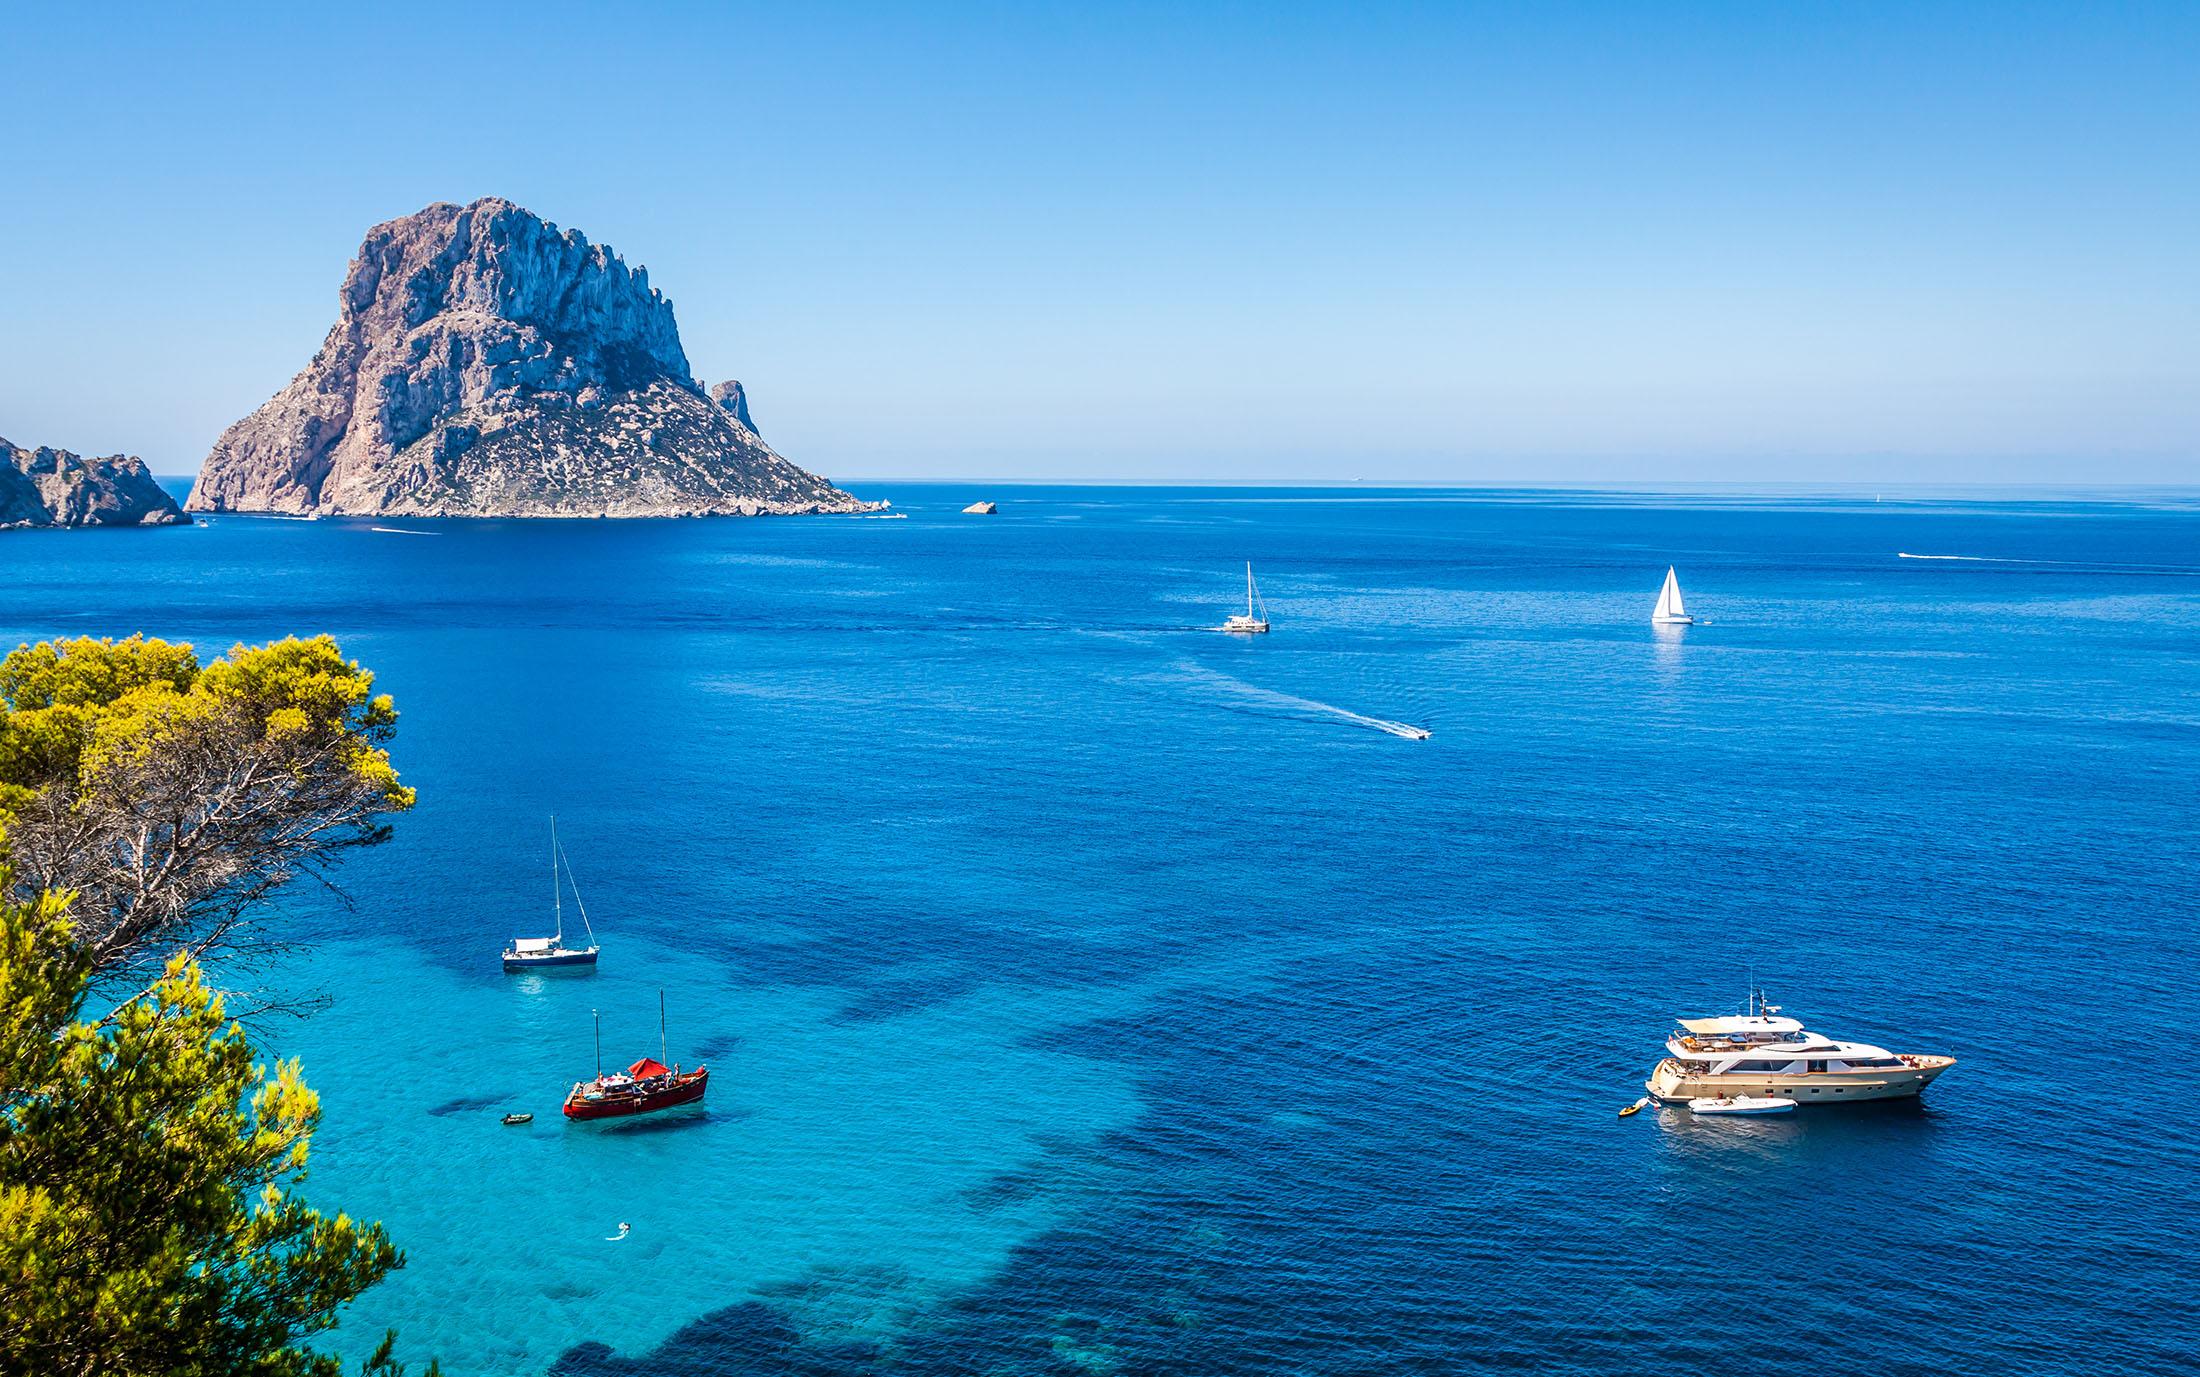 Séminaire à Ibiza en Espagne